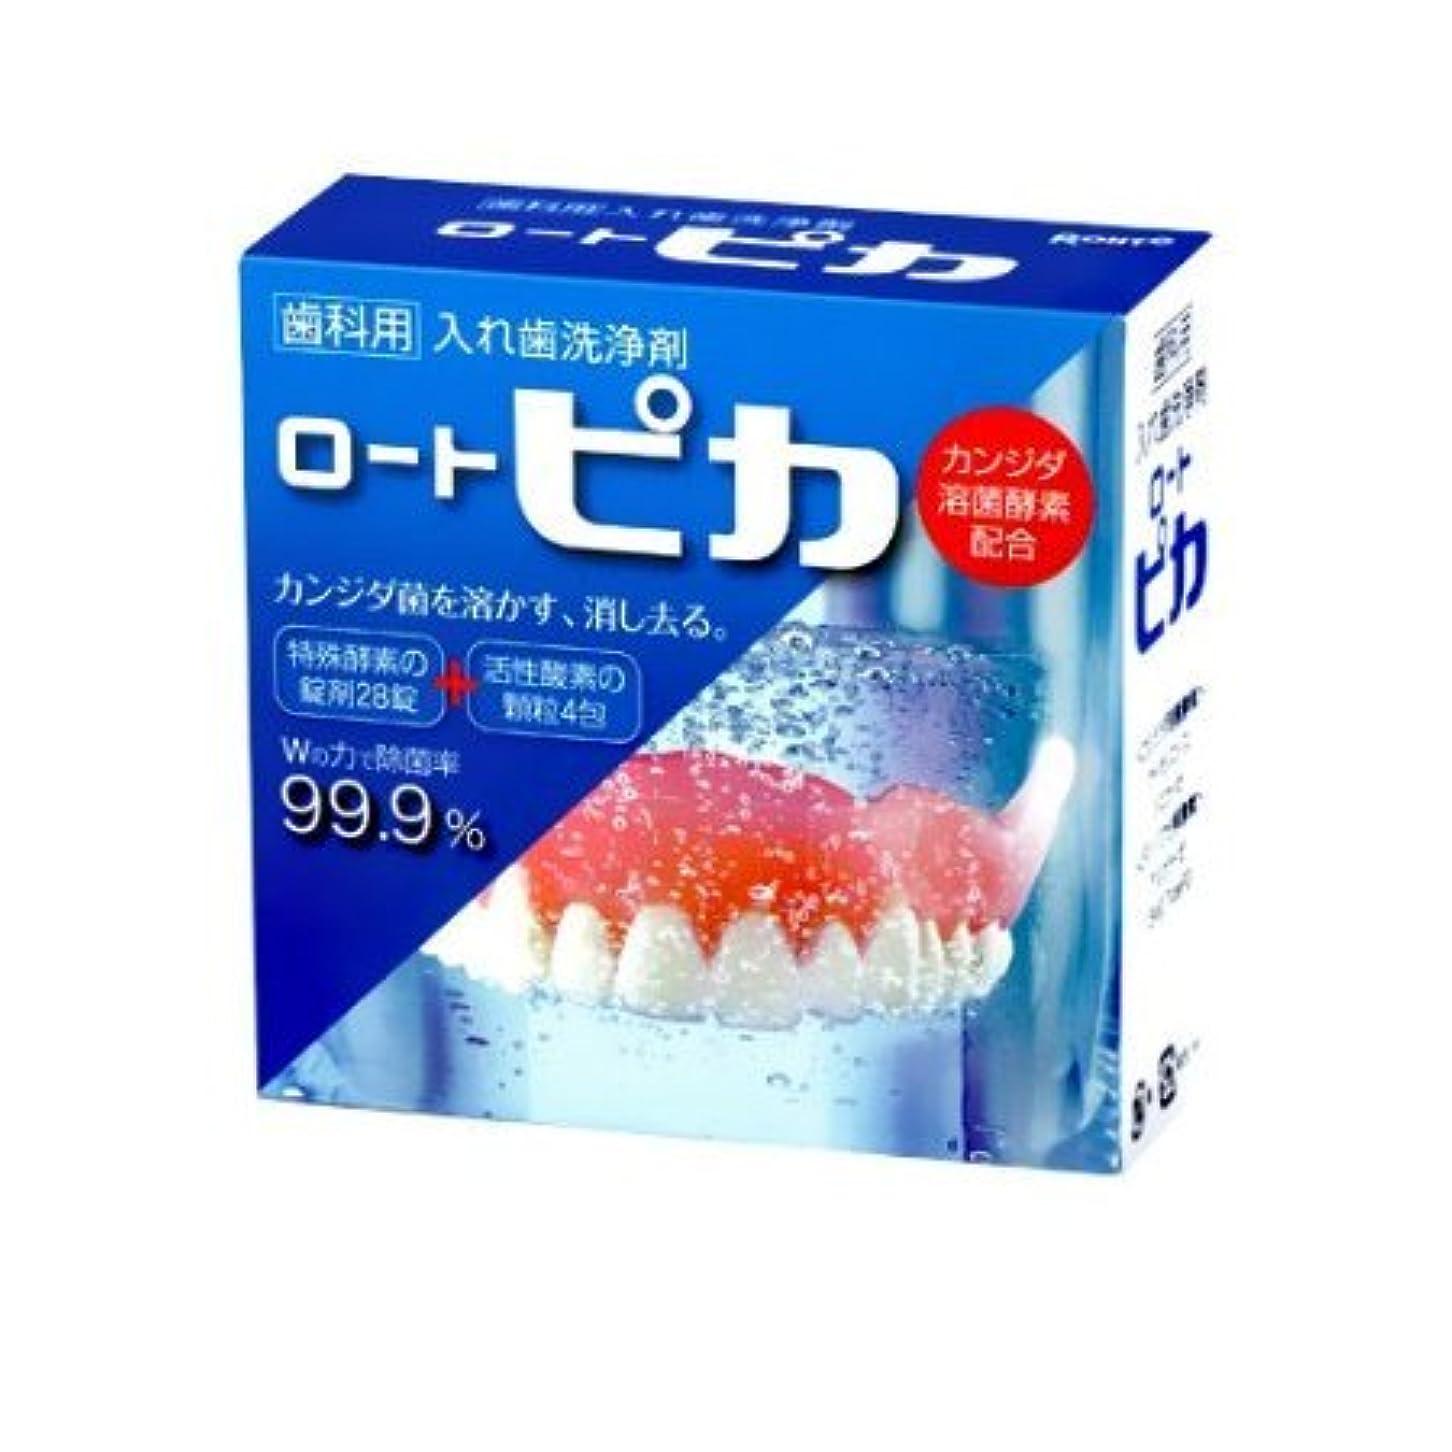 ピル光の比率入れ歯洗浄剤 ピカ カンジダ菌を溶菌除去!